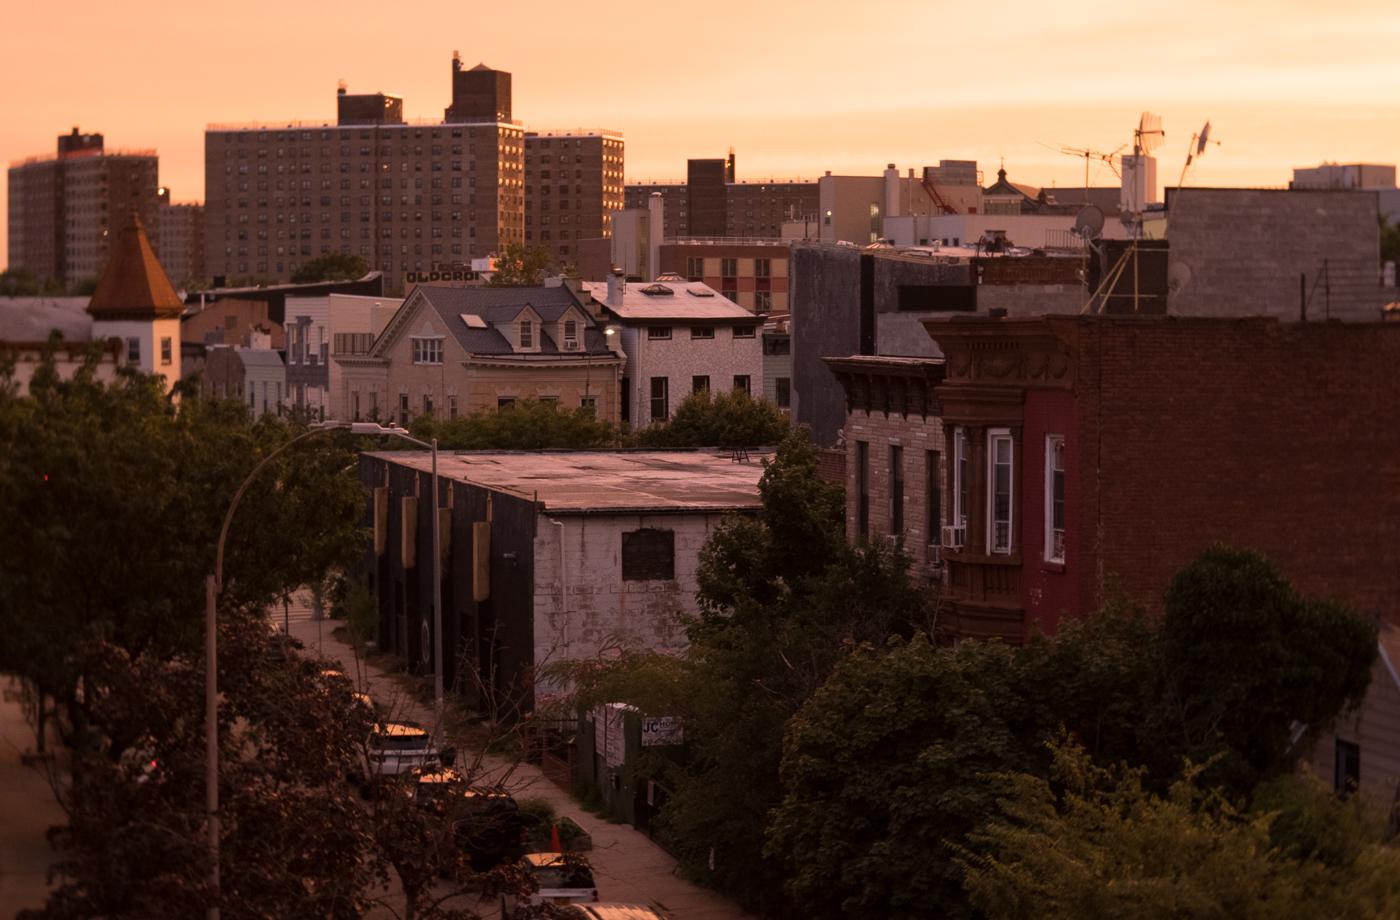 Hart St Sunset